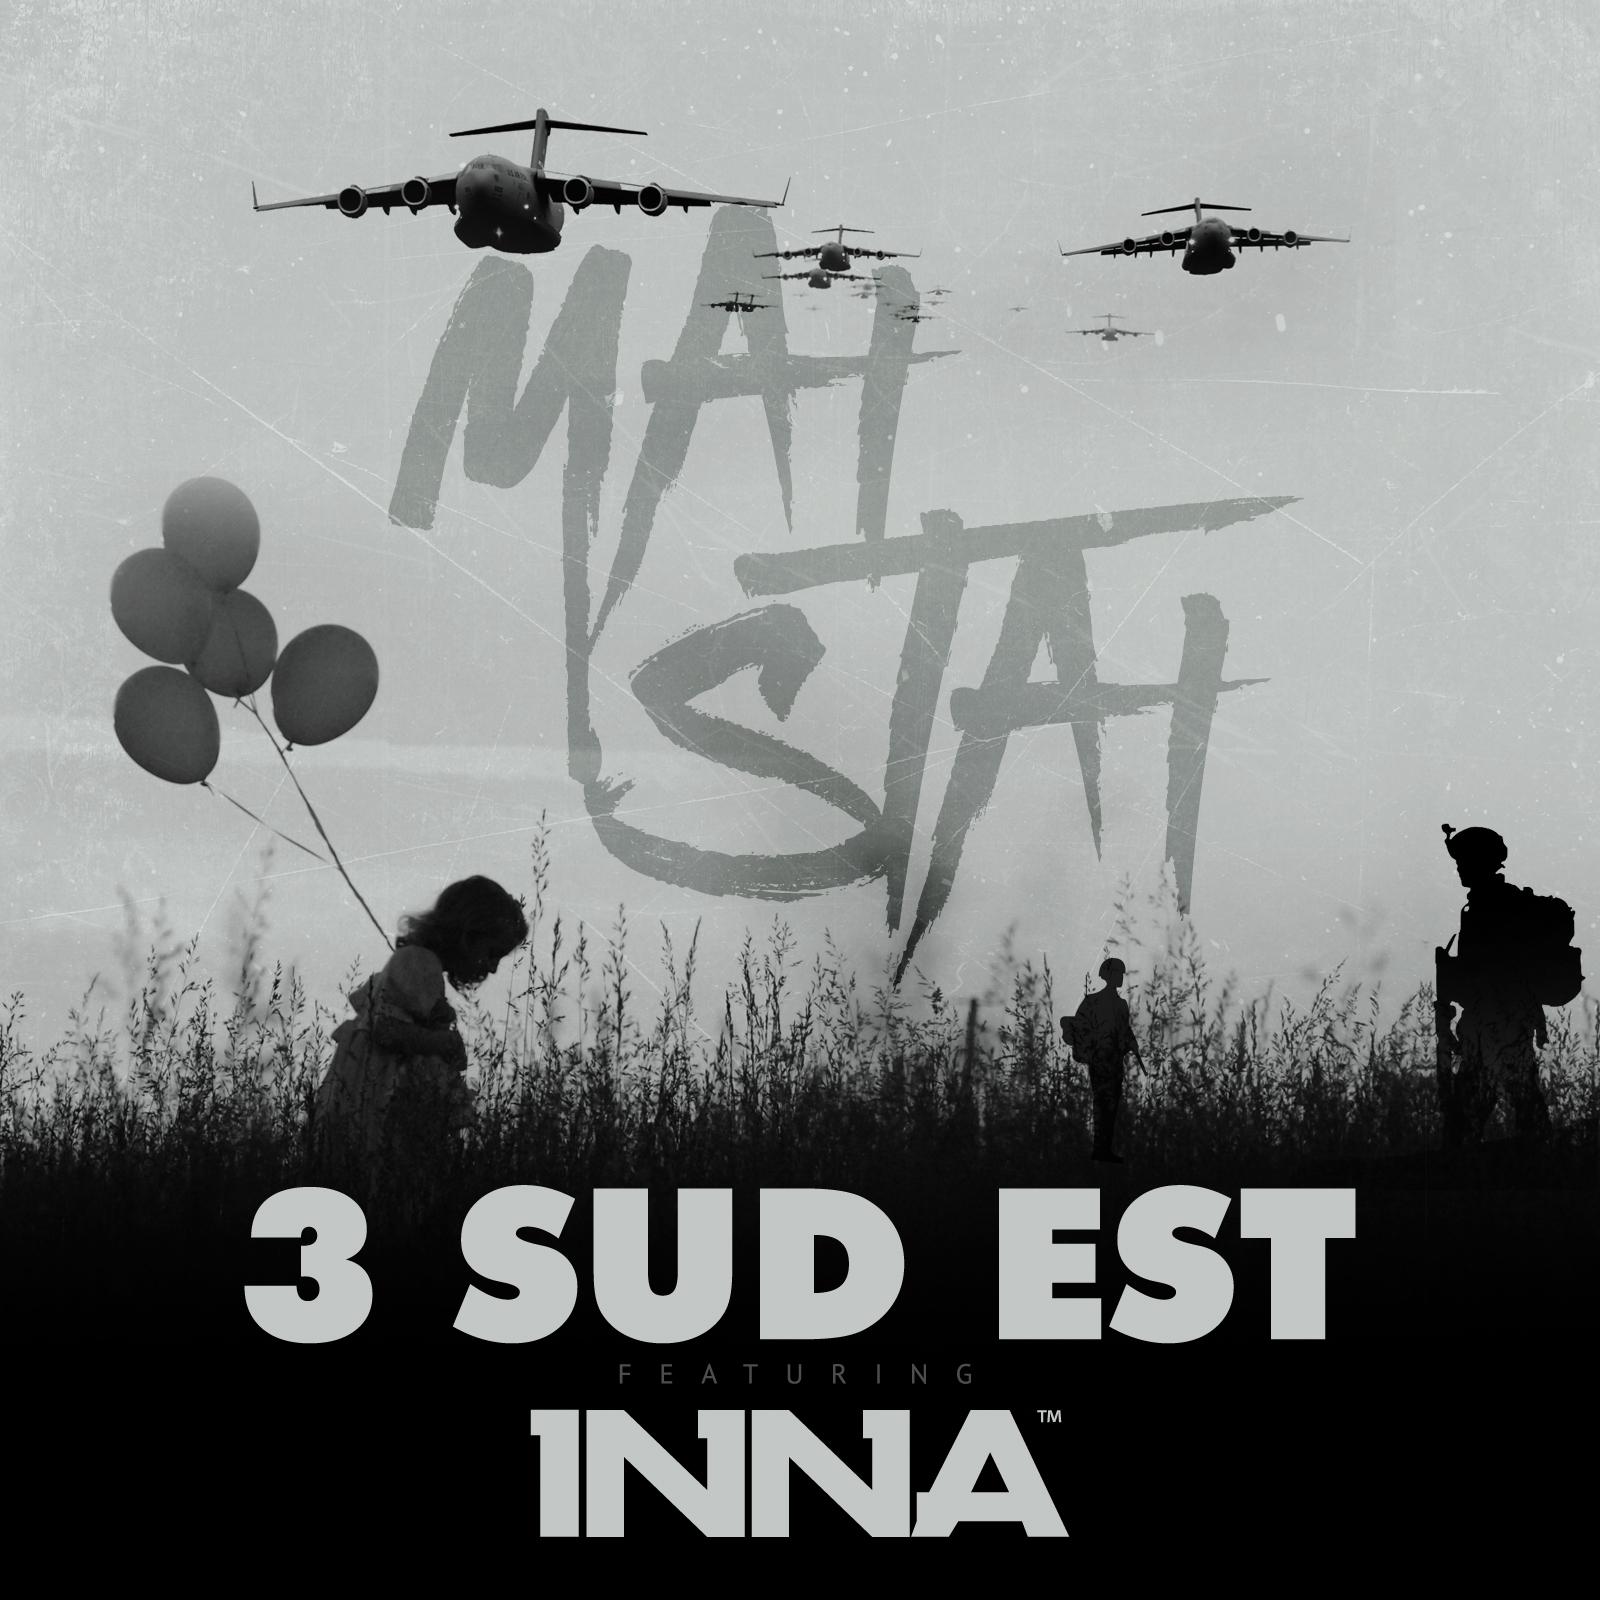 """O mega colaborare in muzica romaneasca: 3 Sud Est si Inna lanseaza single-ul """"Mai stai"""""""